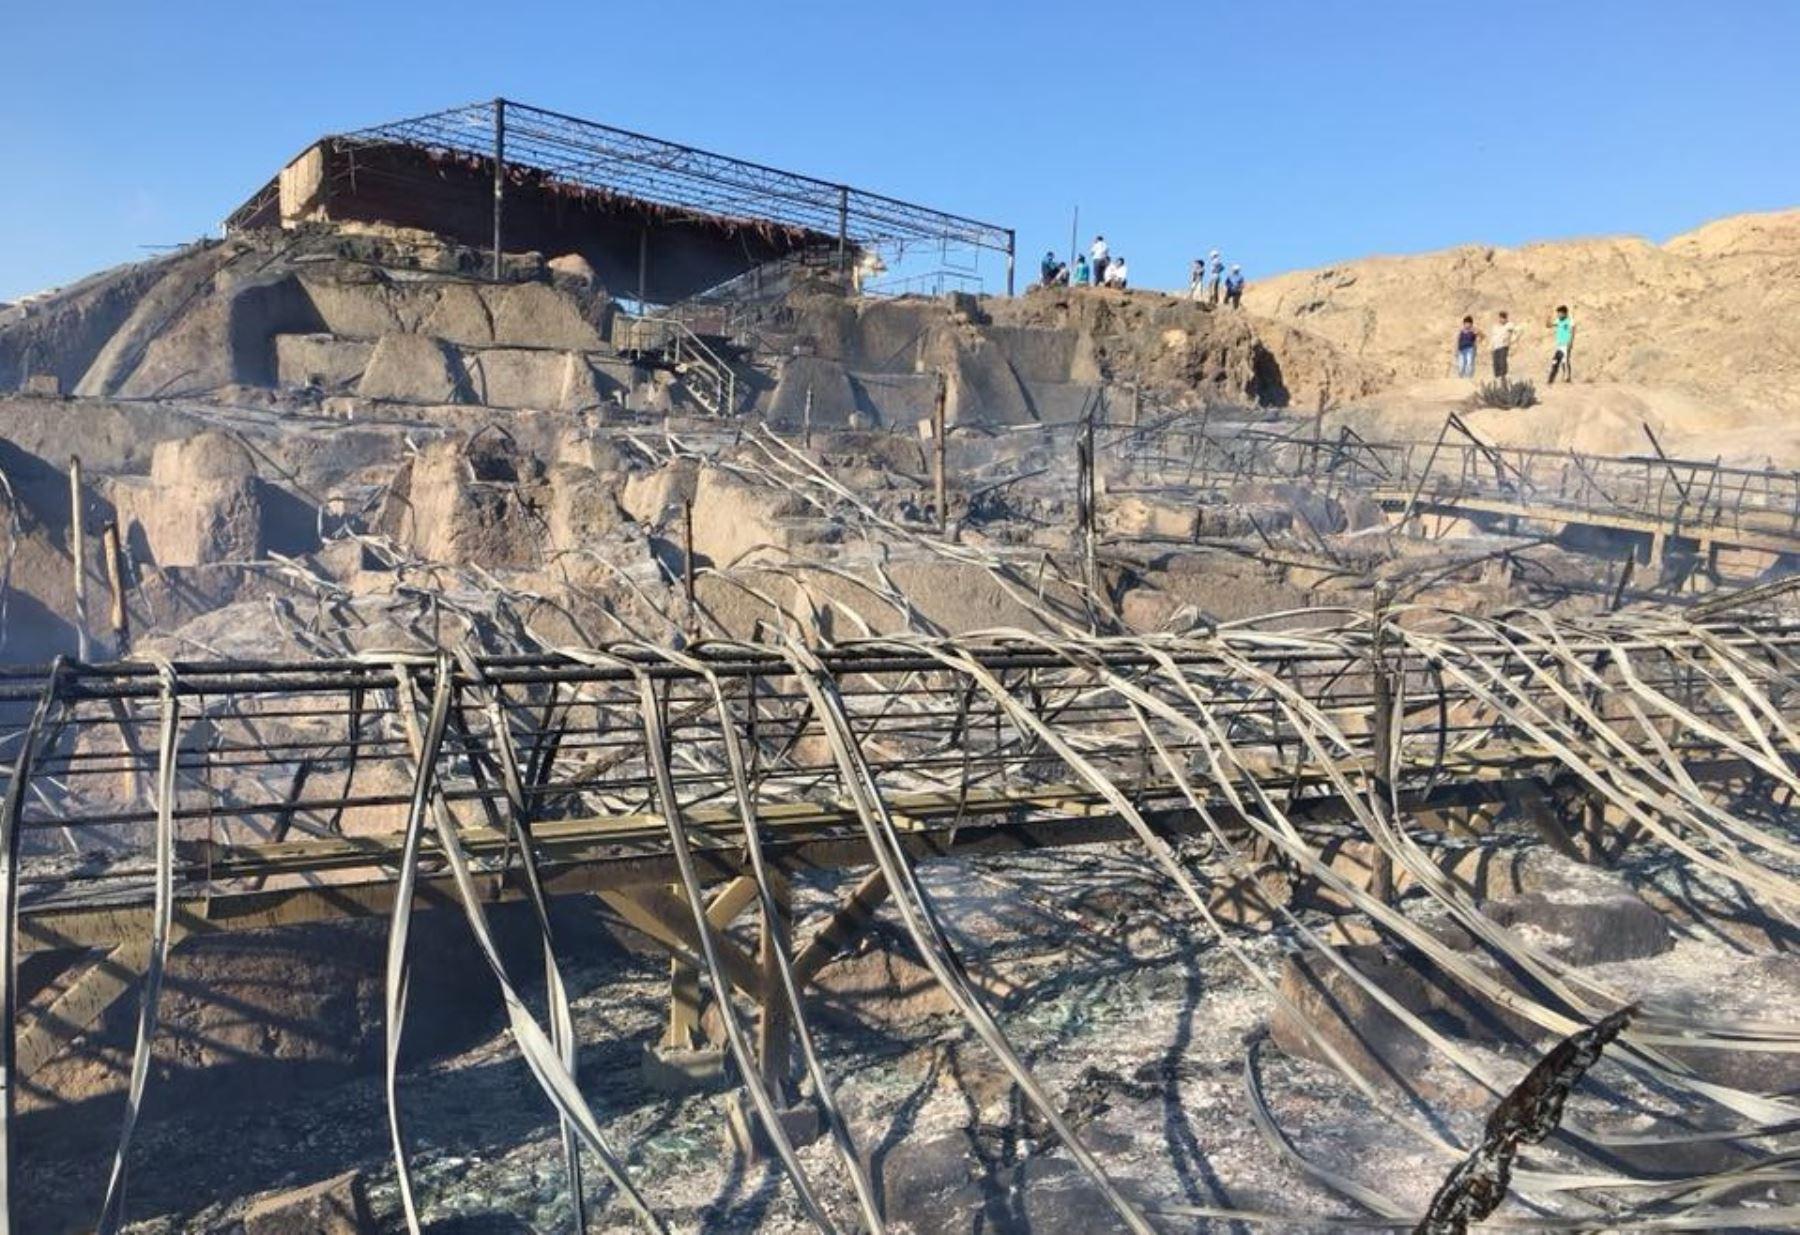 Incendio afectó complejo arqueológico Ventarrón, en Lambayeque.